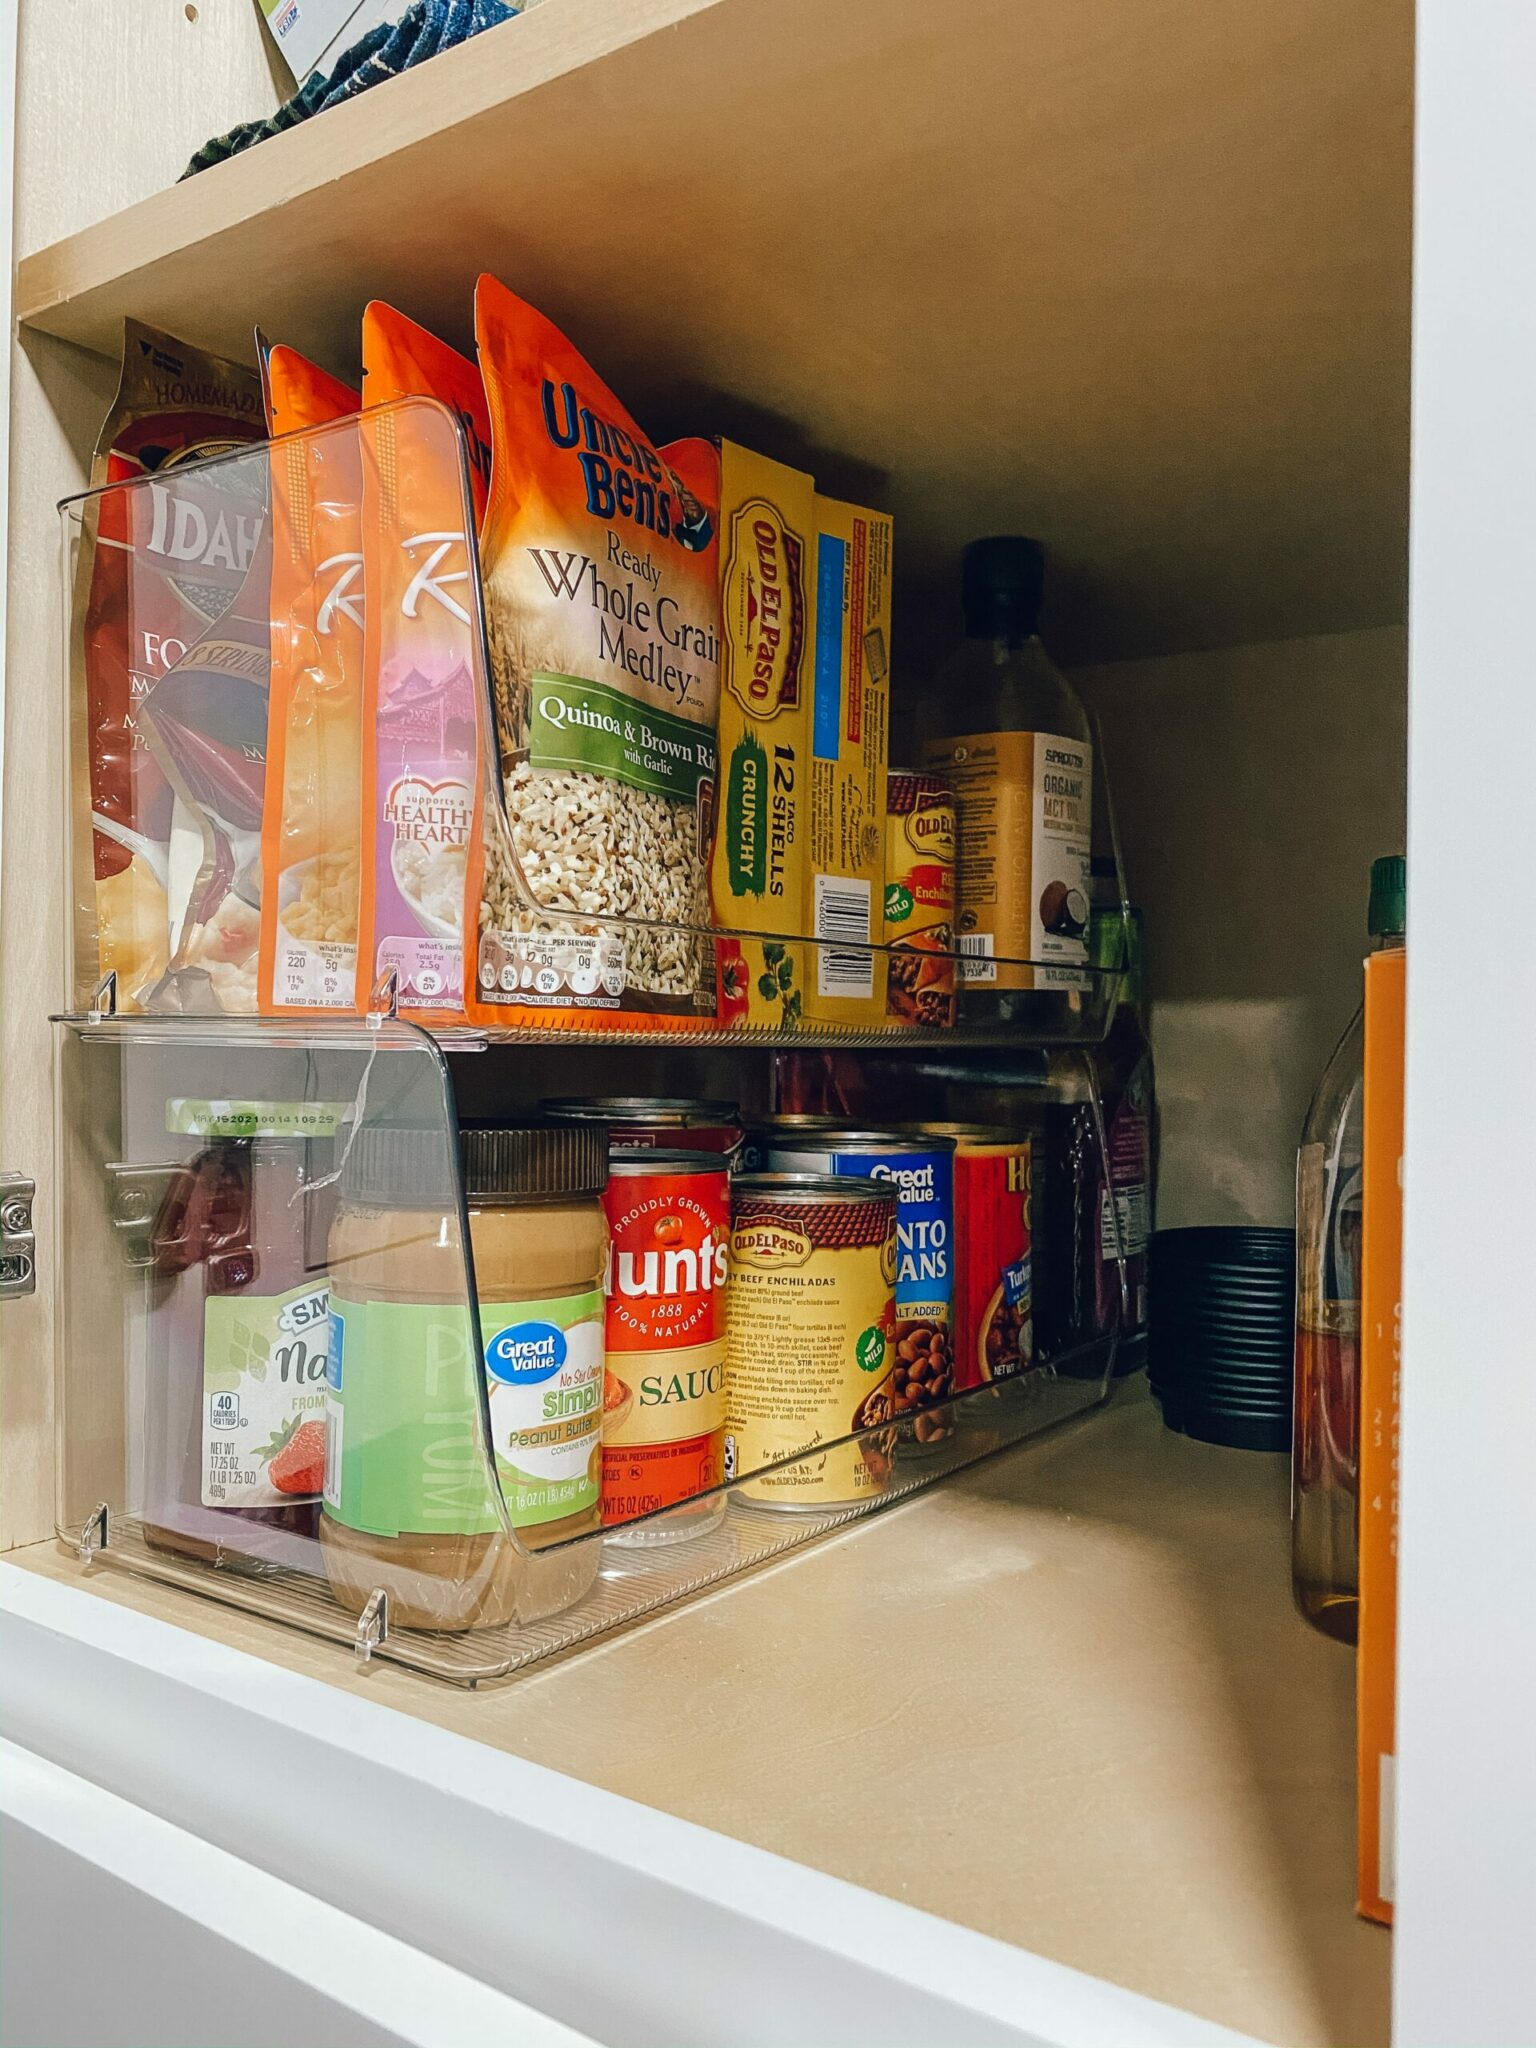 pantry organization diy, pantry organization ikea, small pantry organization, pantry organization categories, pantry organization hacks, walk in pantry organization ideas, pantry organization amazon, pantry organization ideas pinterest